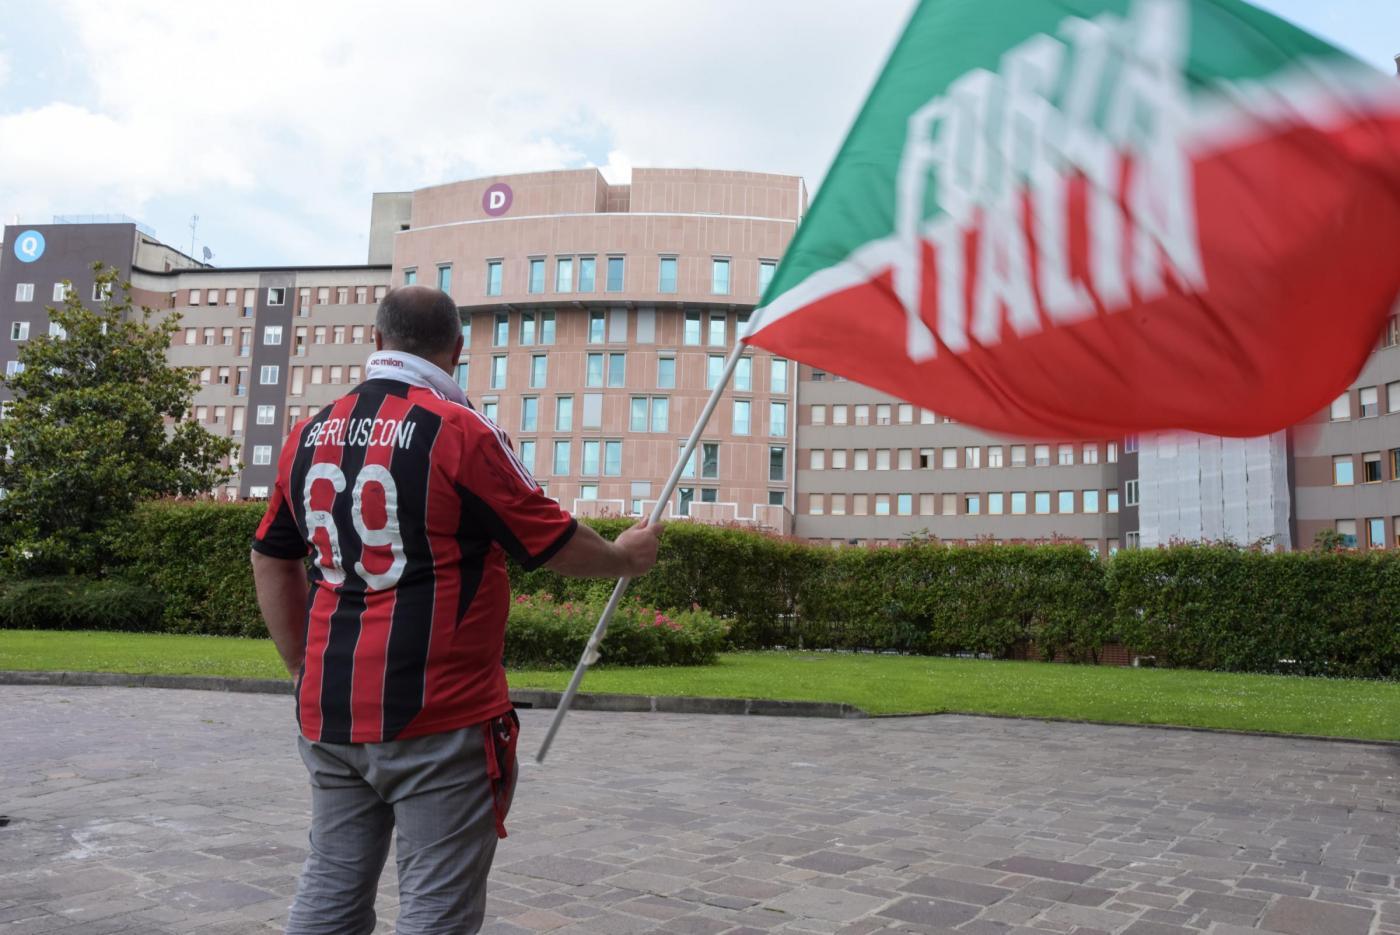 Milano, conferenza stampa medici di Silvio Berlusconi